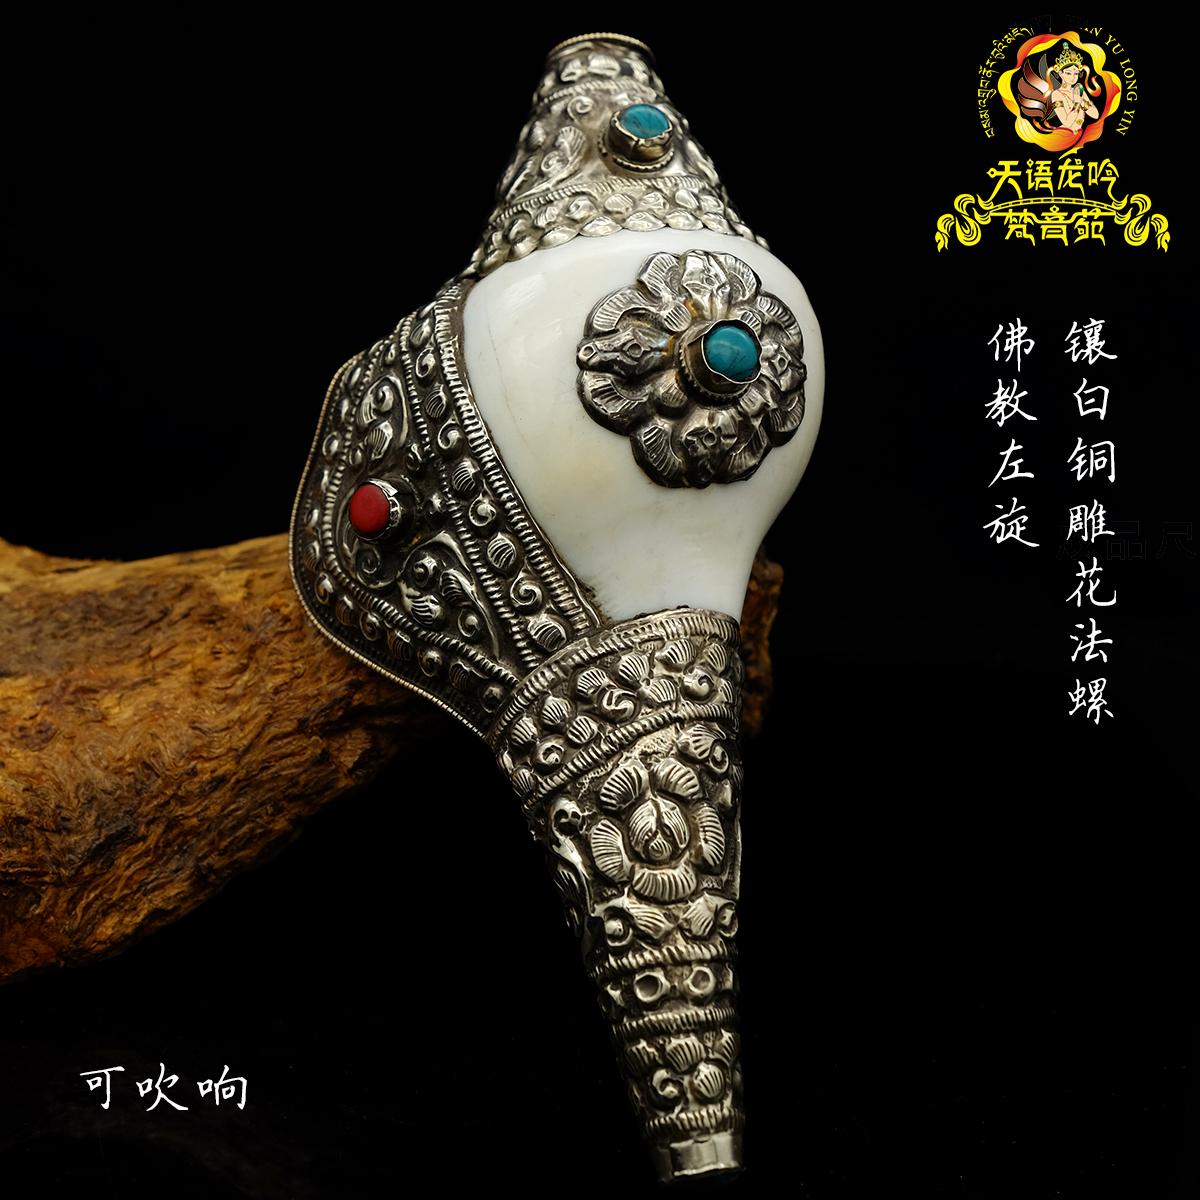 印度白海螺尼泊尔手工包铜雕花镶嵌宝石八吉祥八供法螺17cm Изображение 1